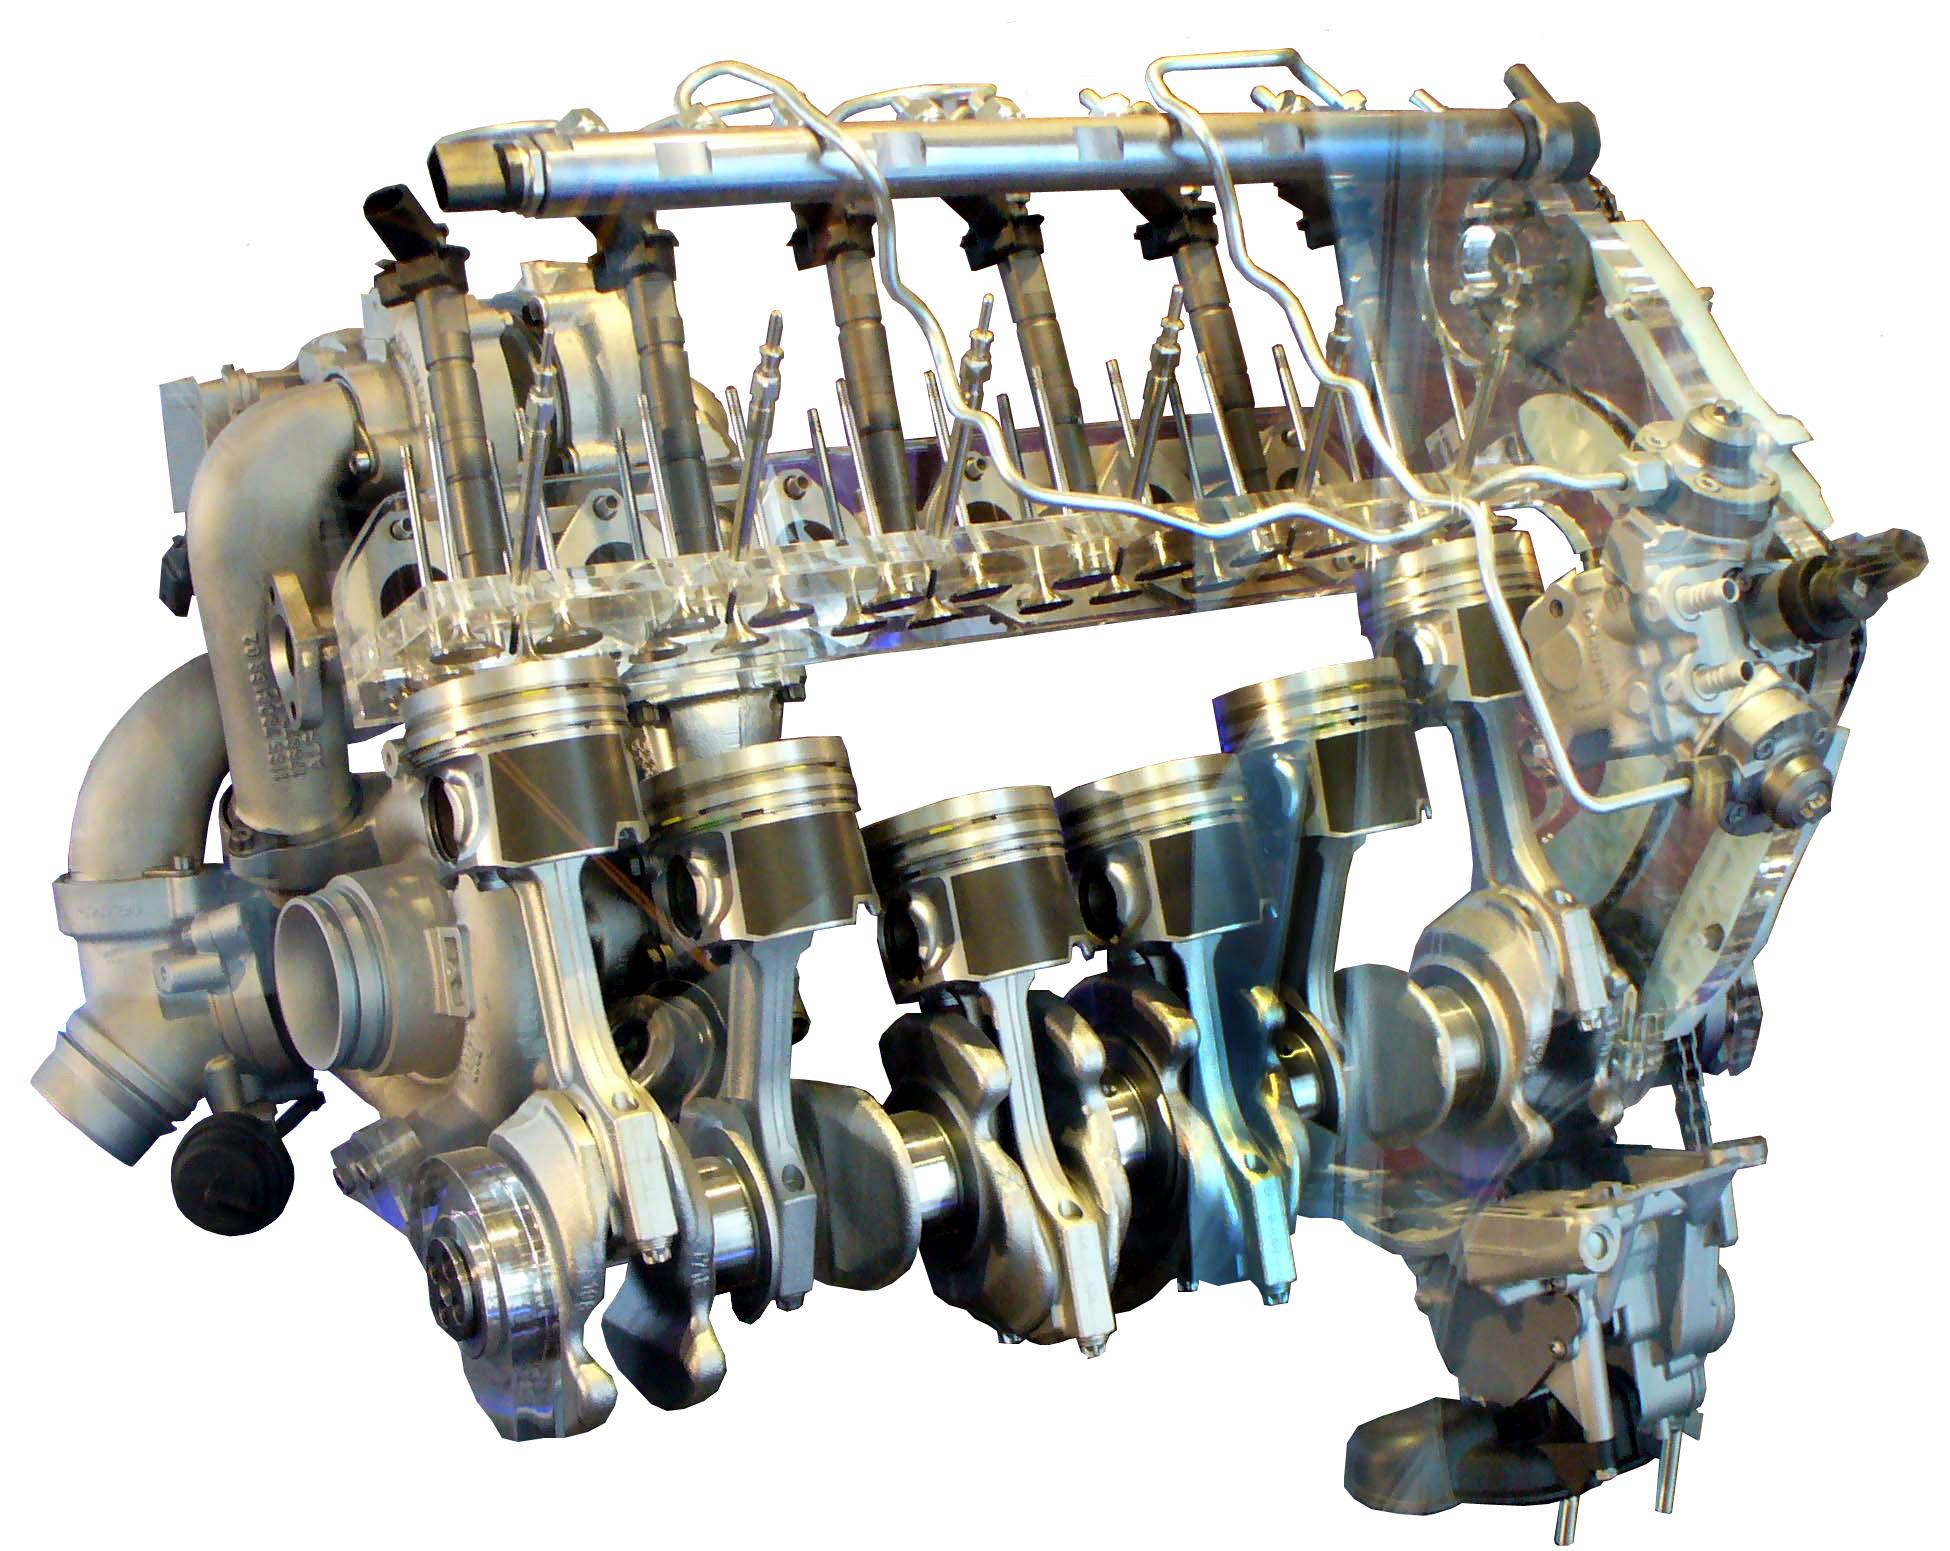 Blick auf einzelne Bauteile eines 6-Zylinder BMW Dieselmotors von 2010